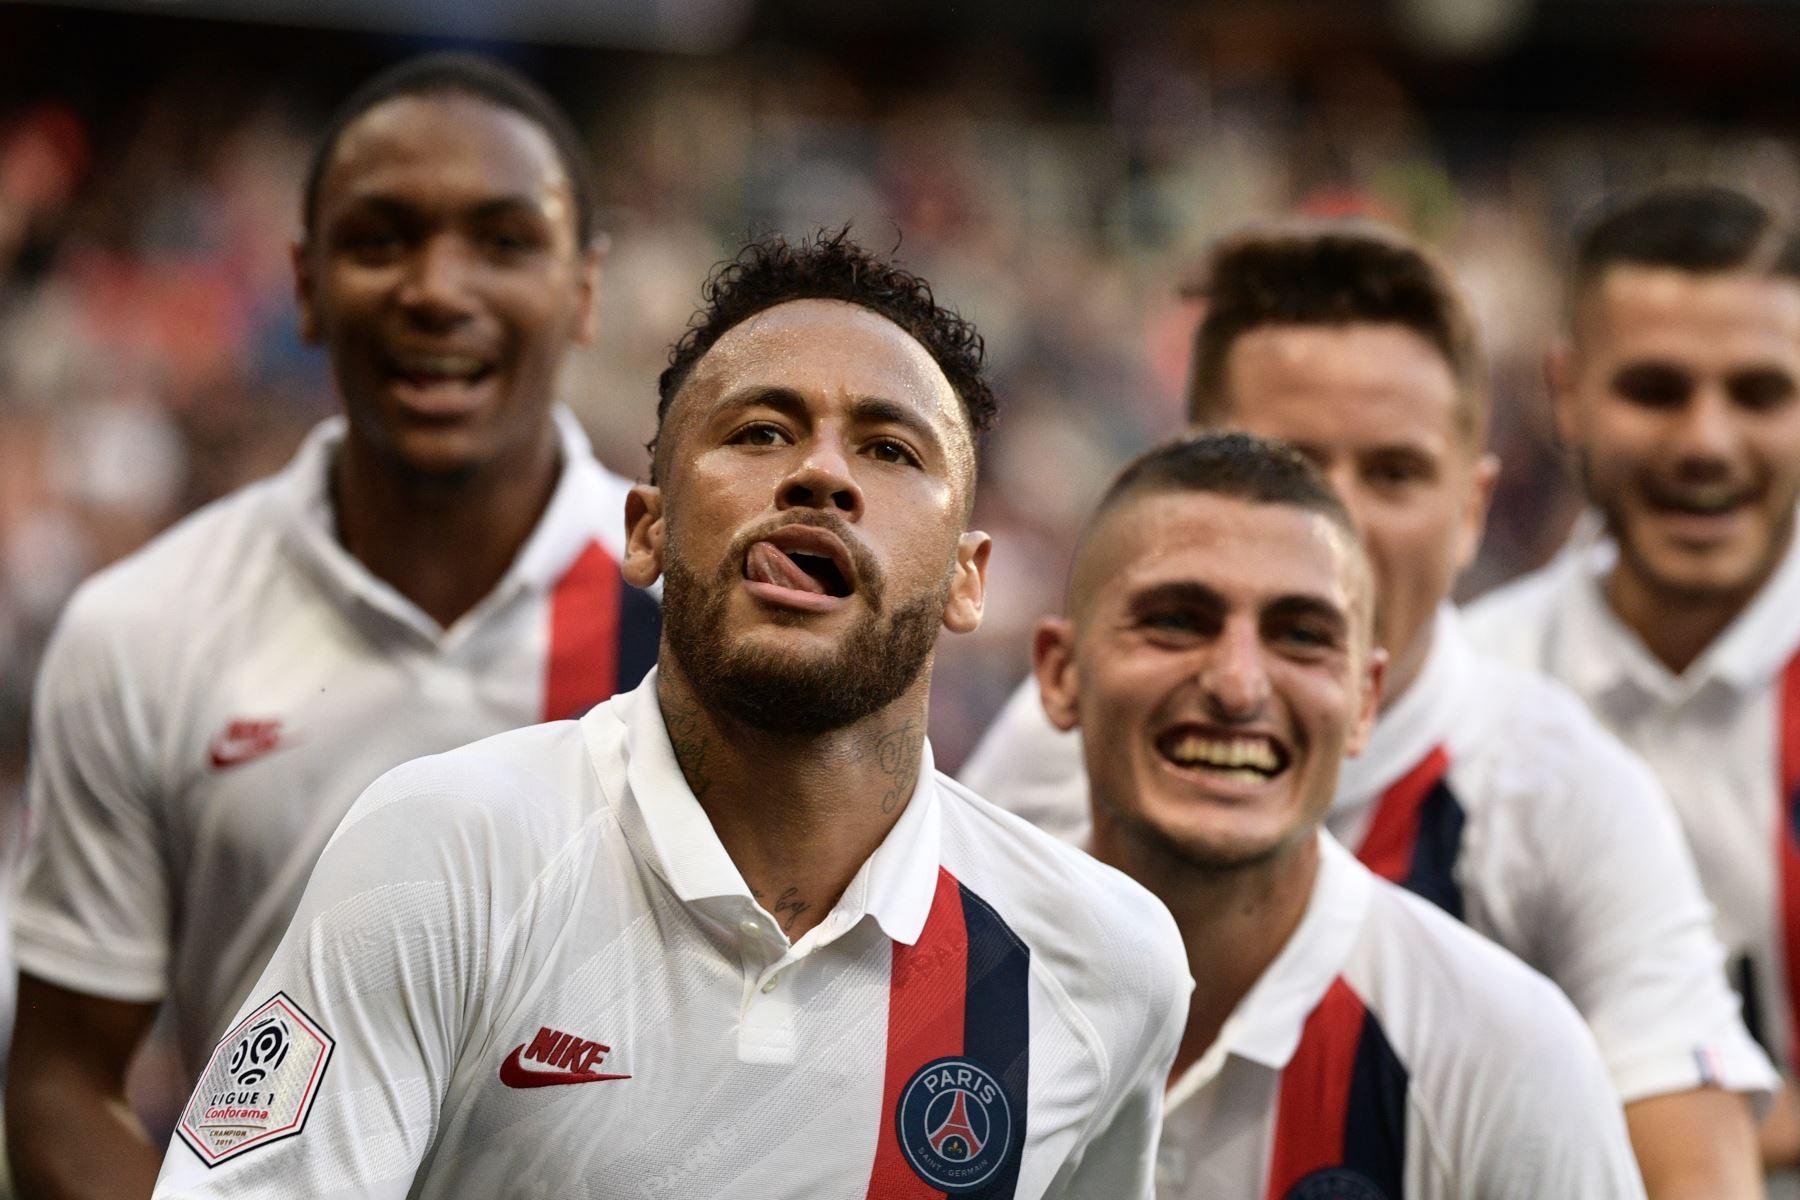 Astro brasileño Neymar le dio la victoria al PSG con gran actuación. Resultado culminó 1 a 0 ante el Racing de Estrasburgo. Foto: AFP